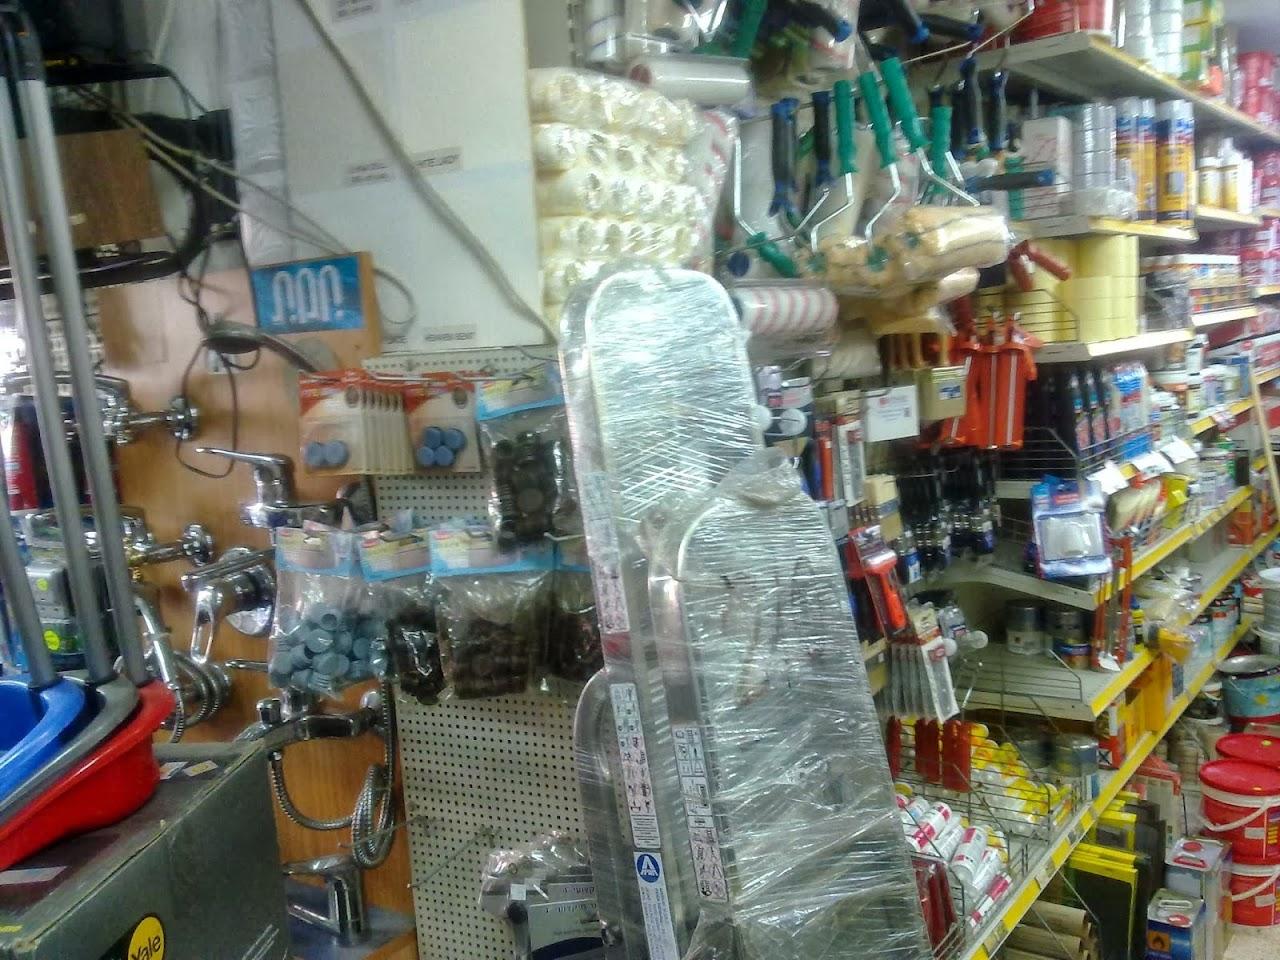 ברצינות אחסאן גטאס טופליין - ח'ורי 11, חיפה - חנות חומרי בניין - איזי ZW-28